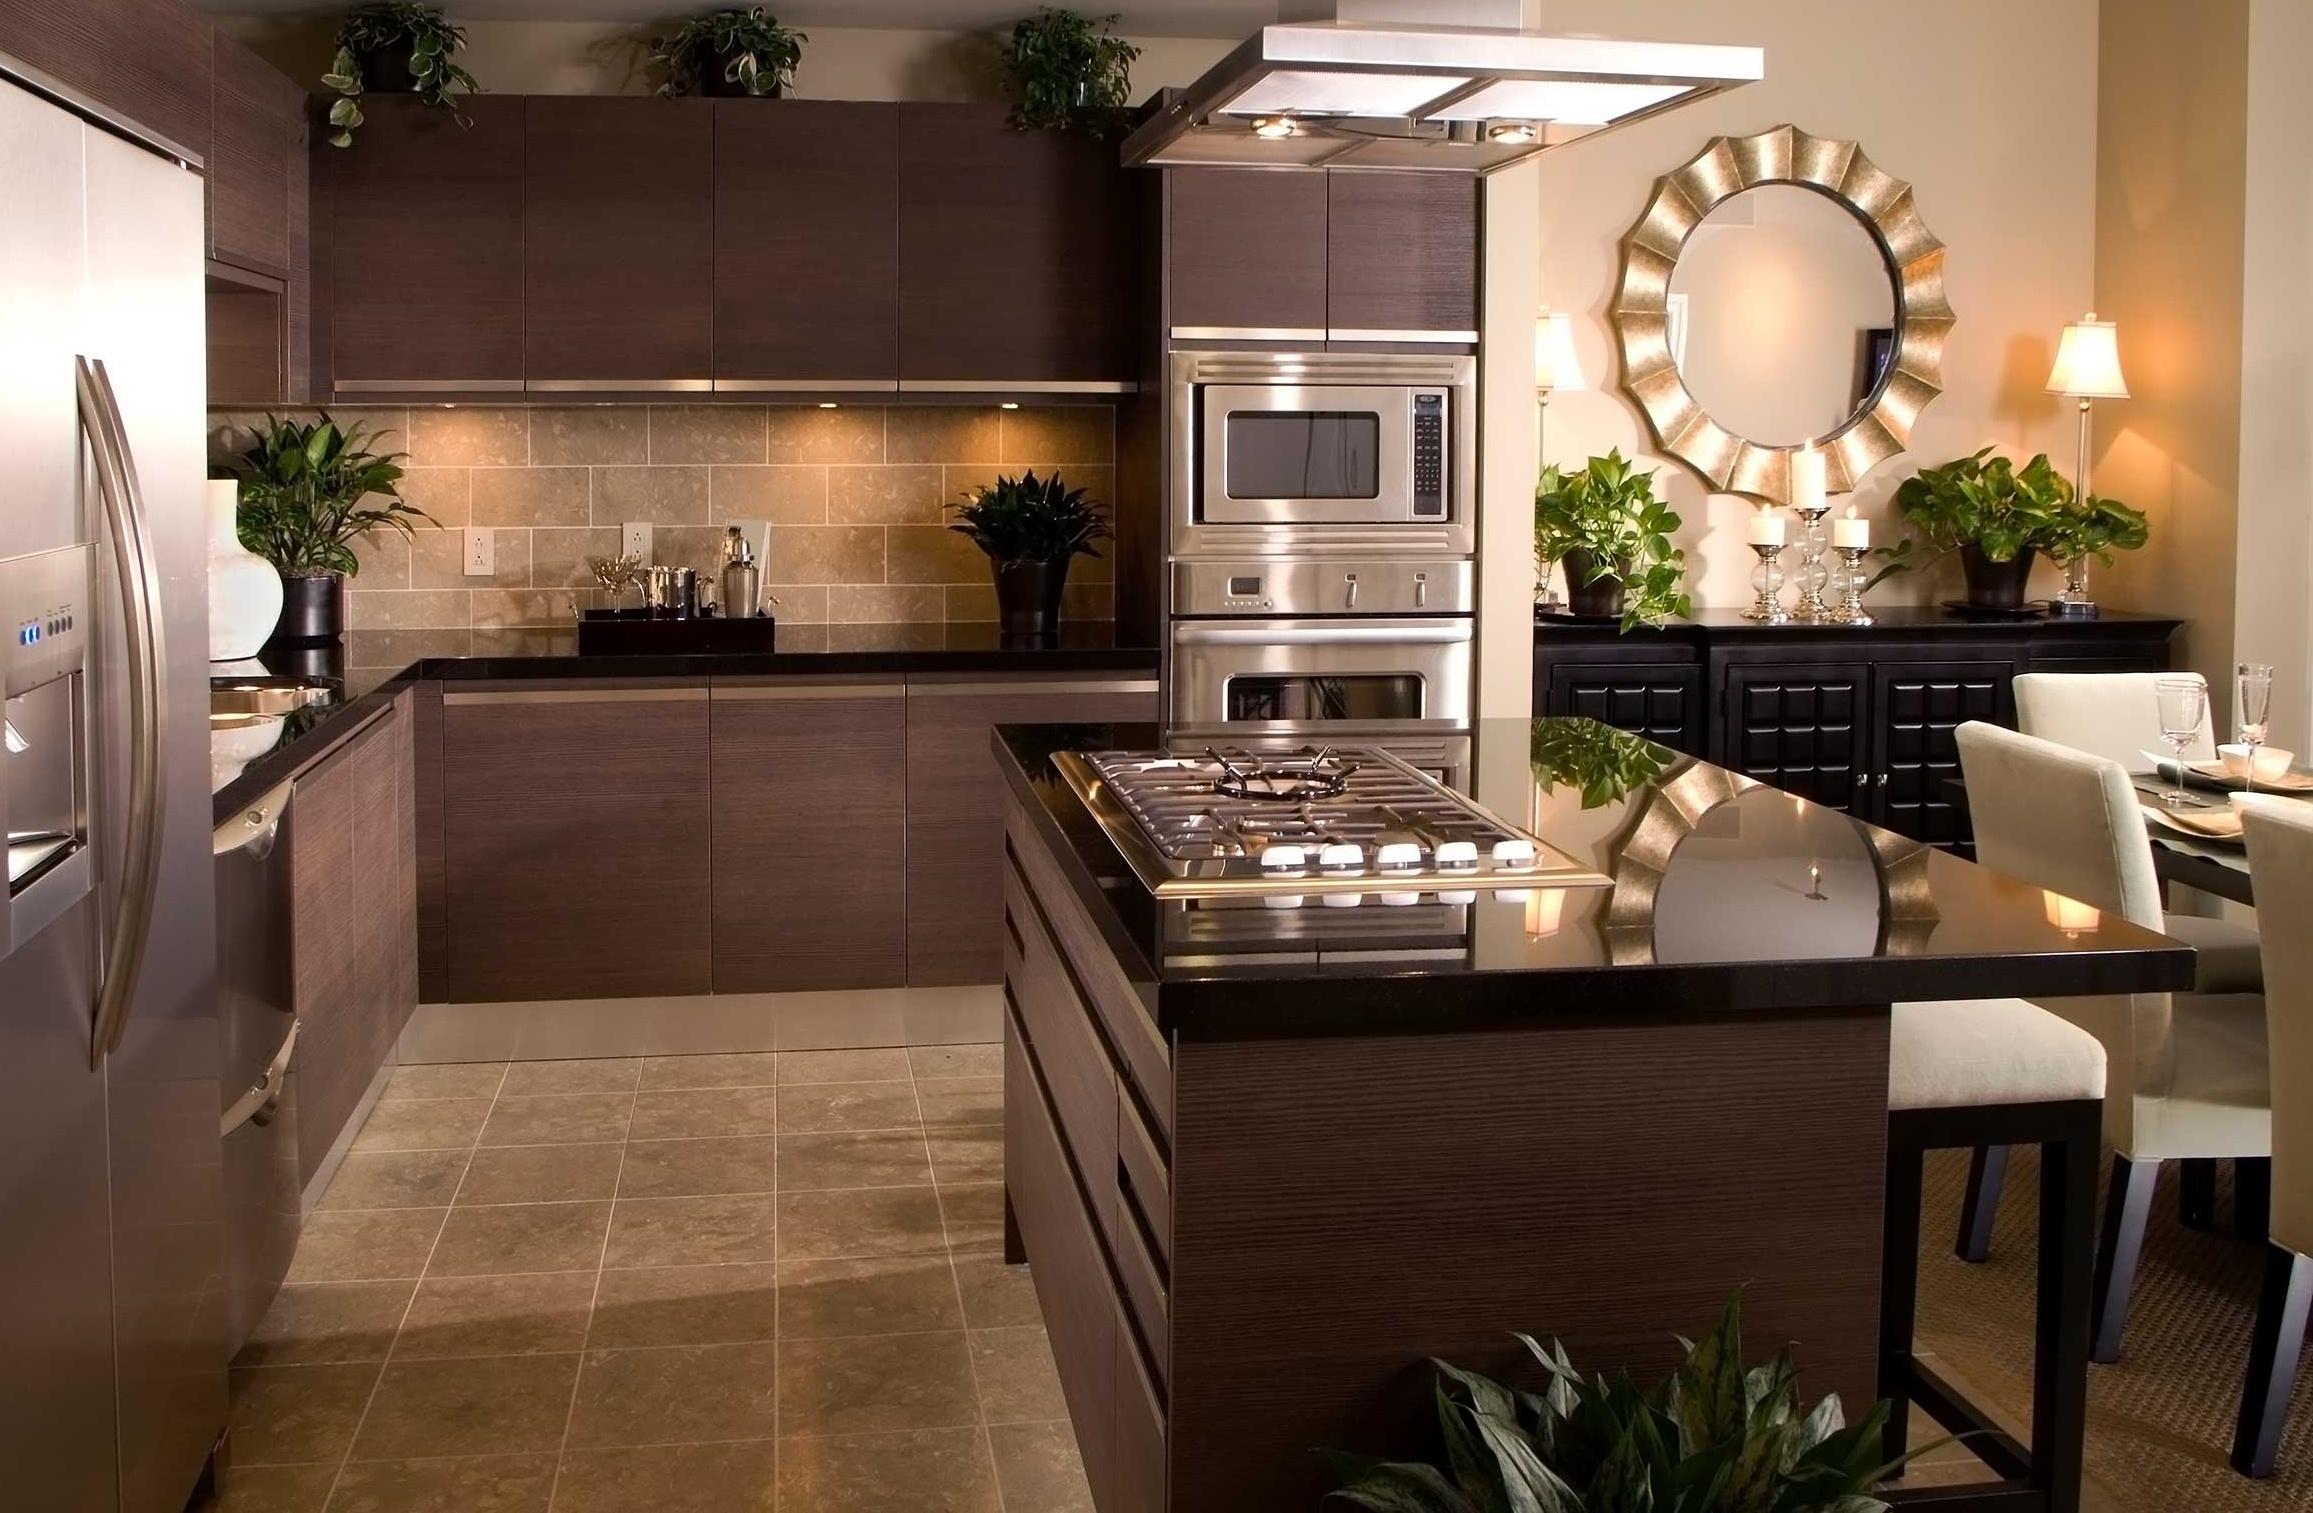 Интерьер кухни фото в современном стиле 6 кв.м